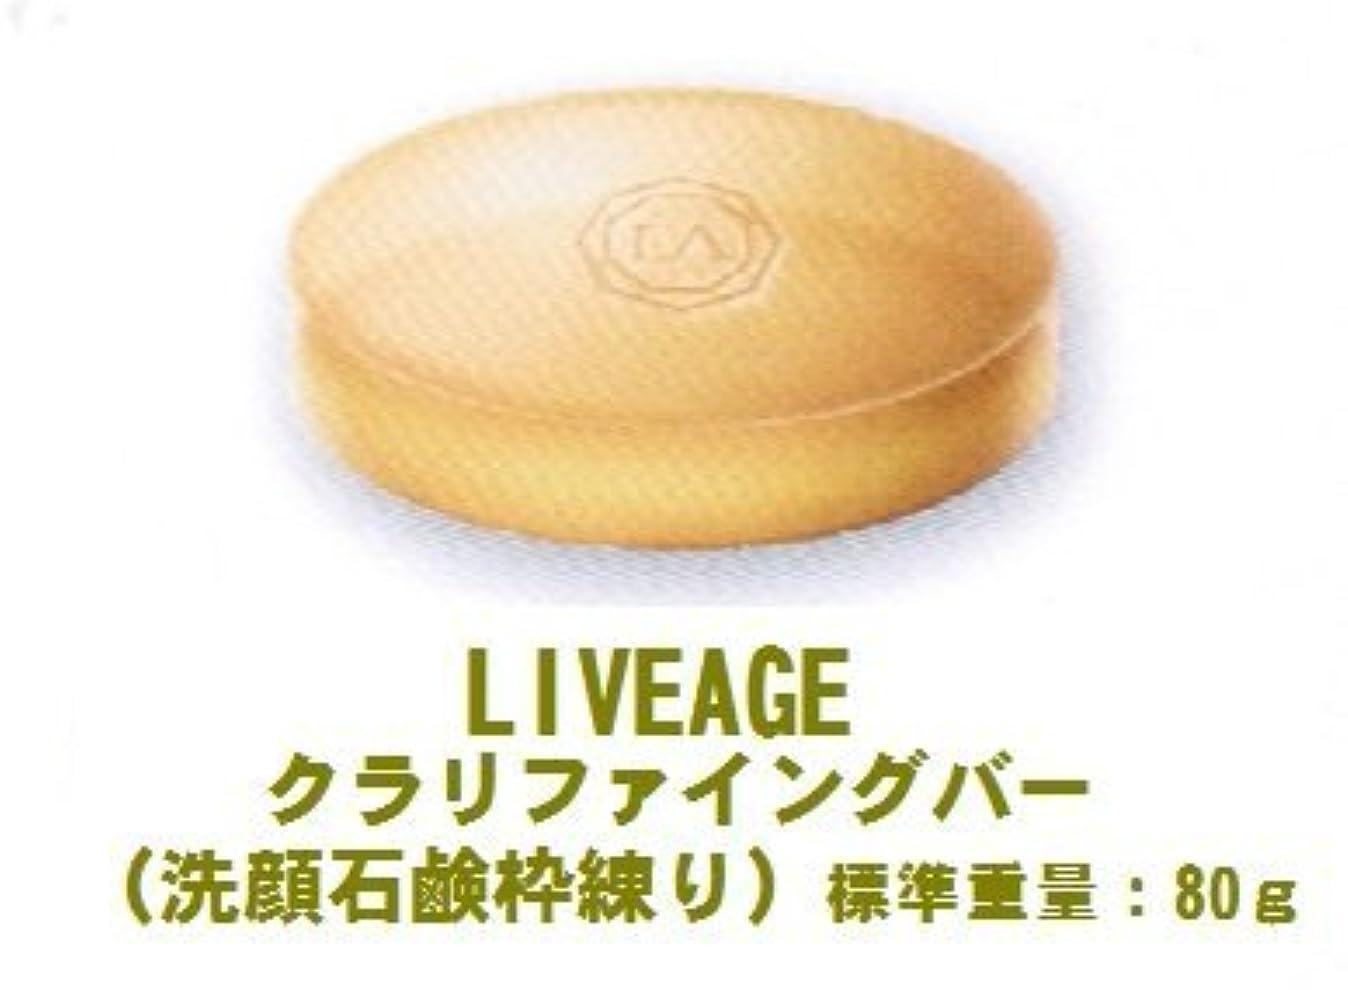 縮れた折呪いLIVEAGE(ライヴァージュ)クラリファイング バー(洗顔石鹸 枠練り)標準重量80g